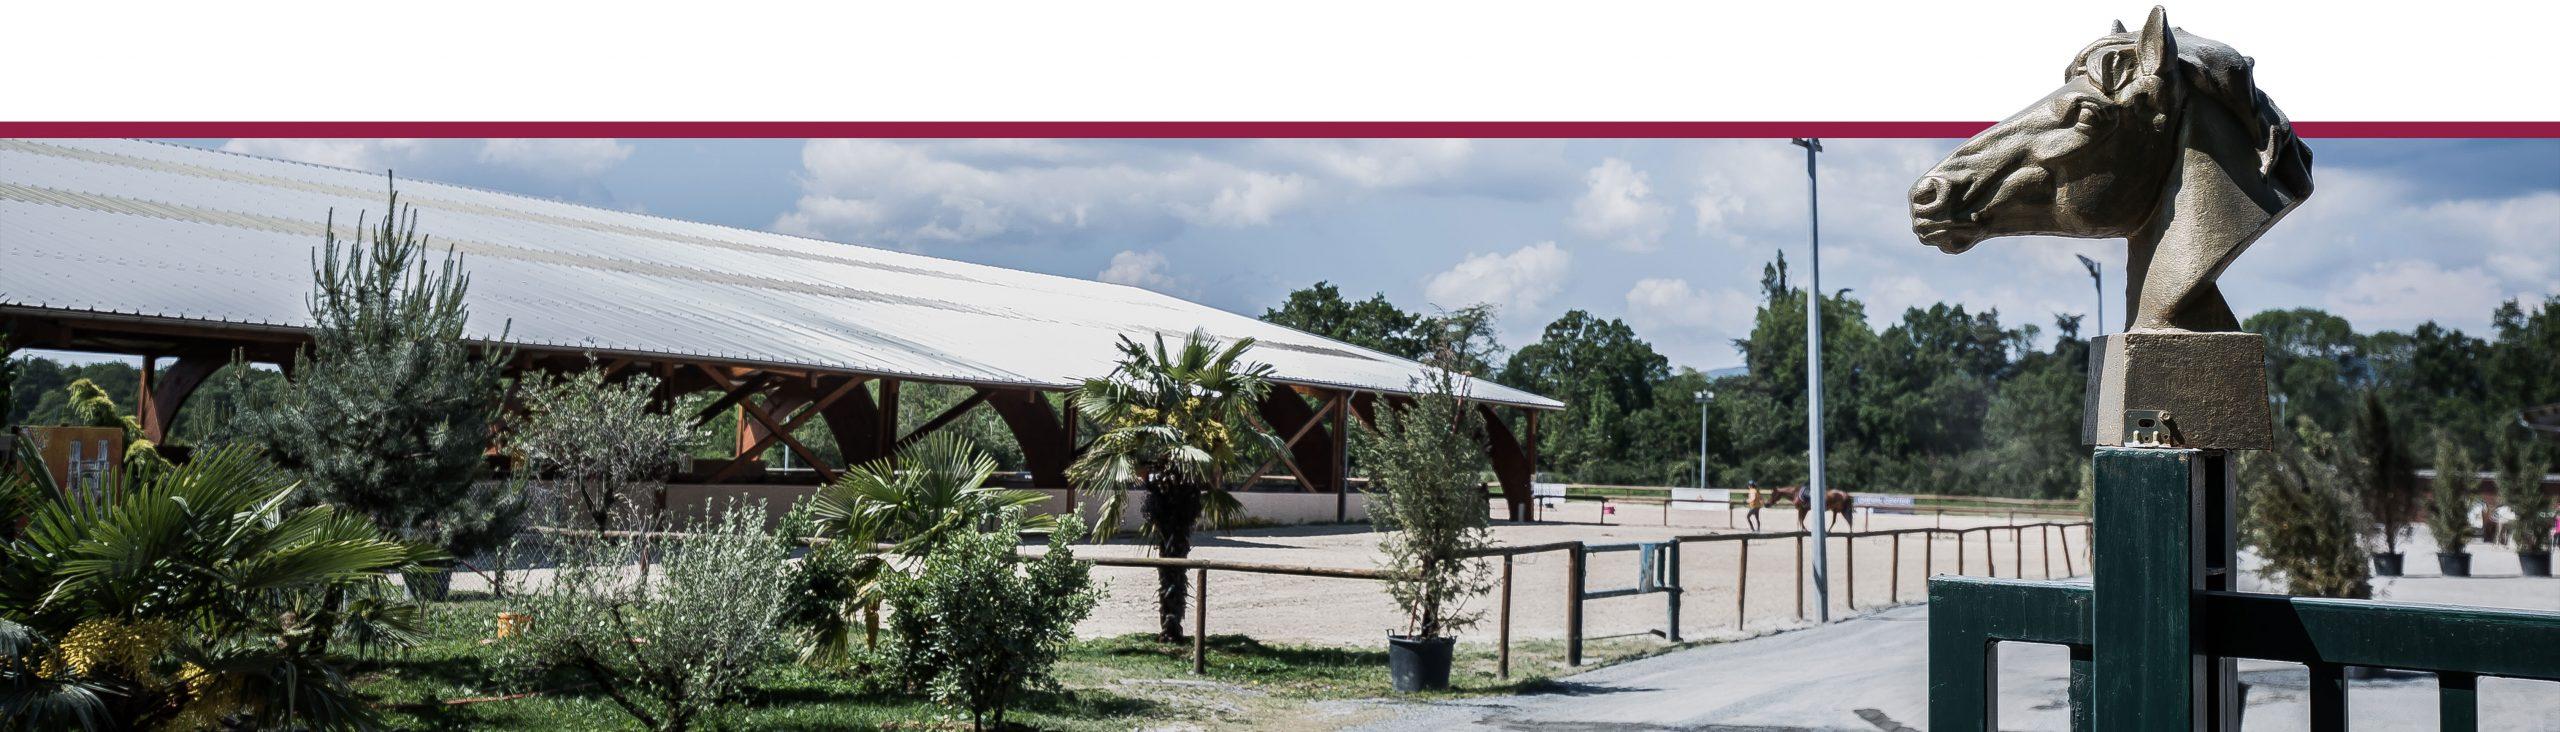 Domaine de la Sauvageonne